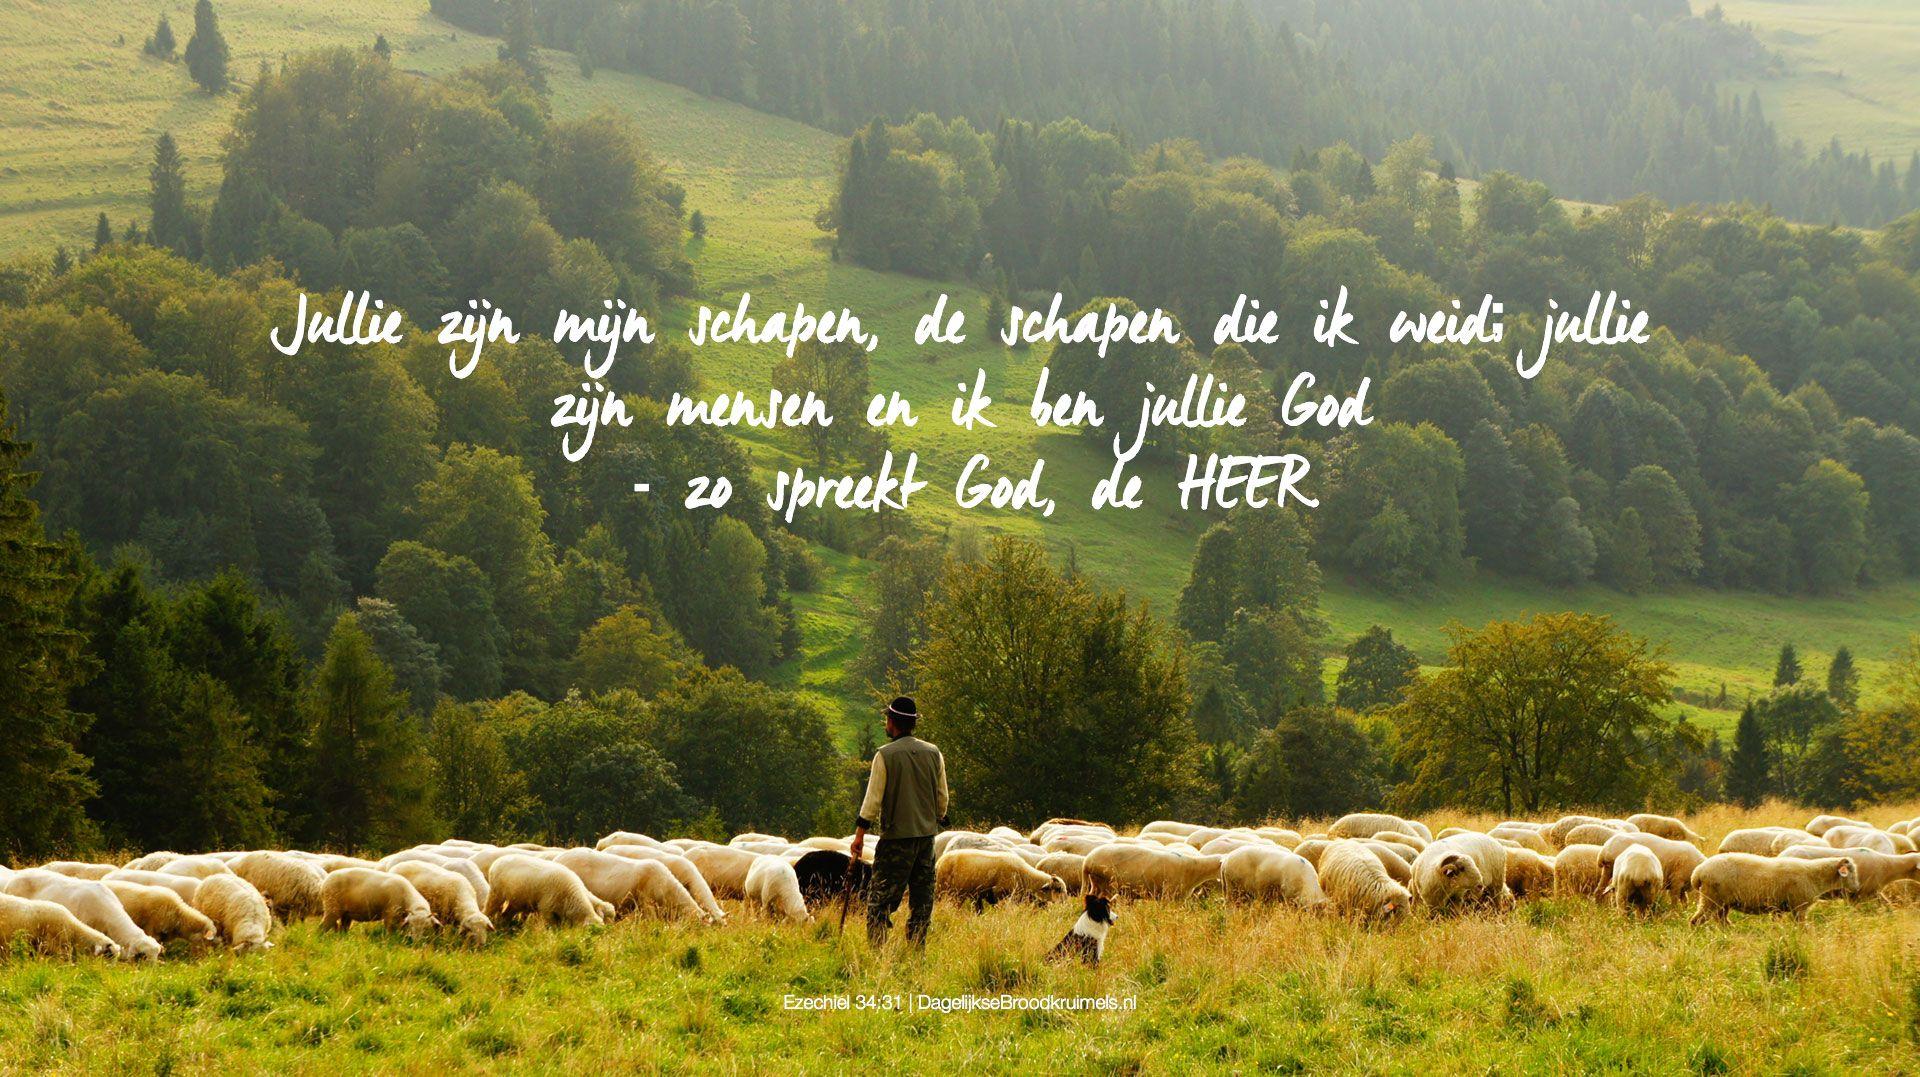 Jullie zijn mijn schapen, de schapen die ik weid; jullie zijn mensen en ik ben jullie God – zo spreekt God, de HEER. Ezechiel 34:31  #Geloof, #God, #Herder, #Schapen  http://www.dagelijksebroodkruimels.nl/ezechiel-34-31/